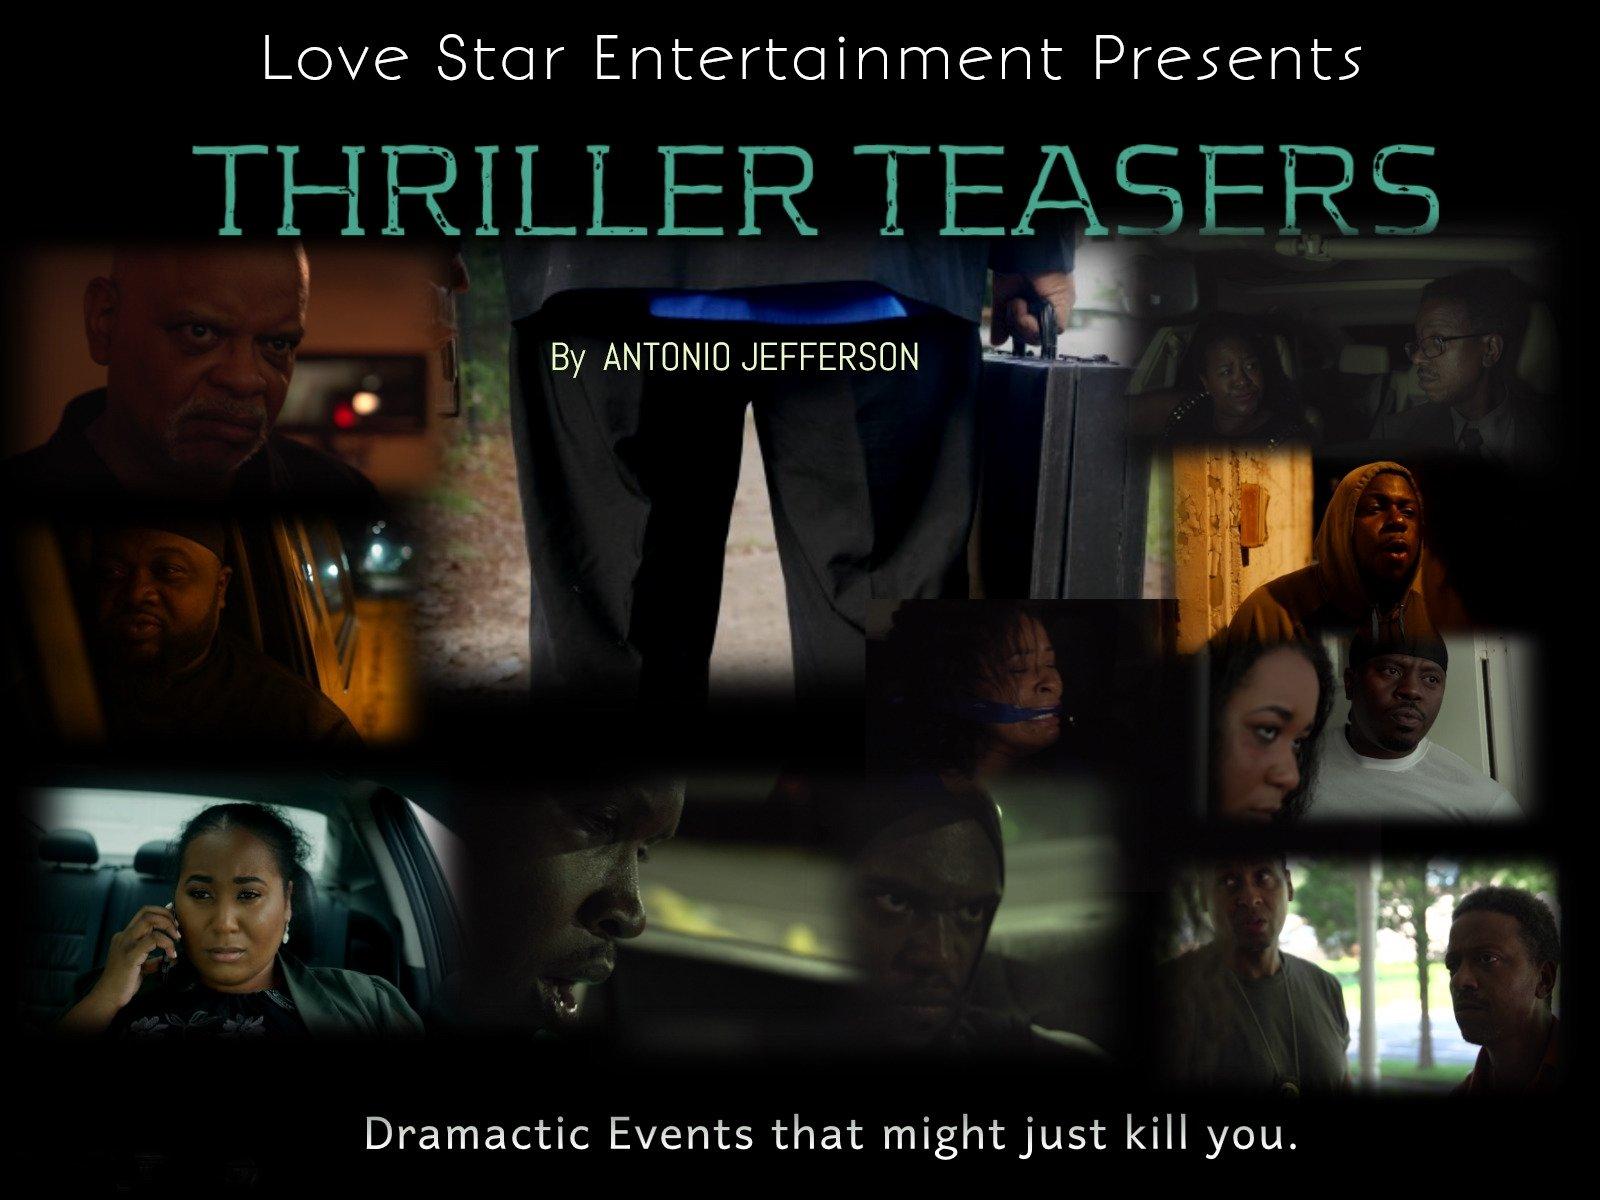 Thriller Teaser's